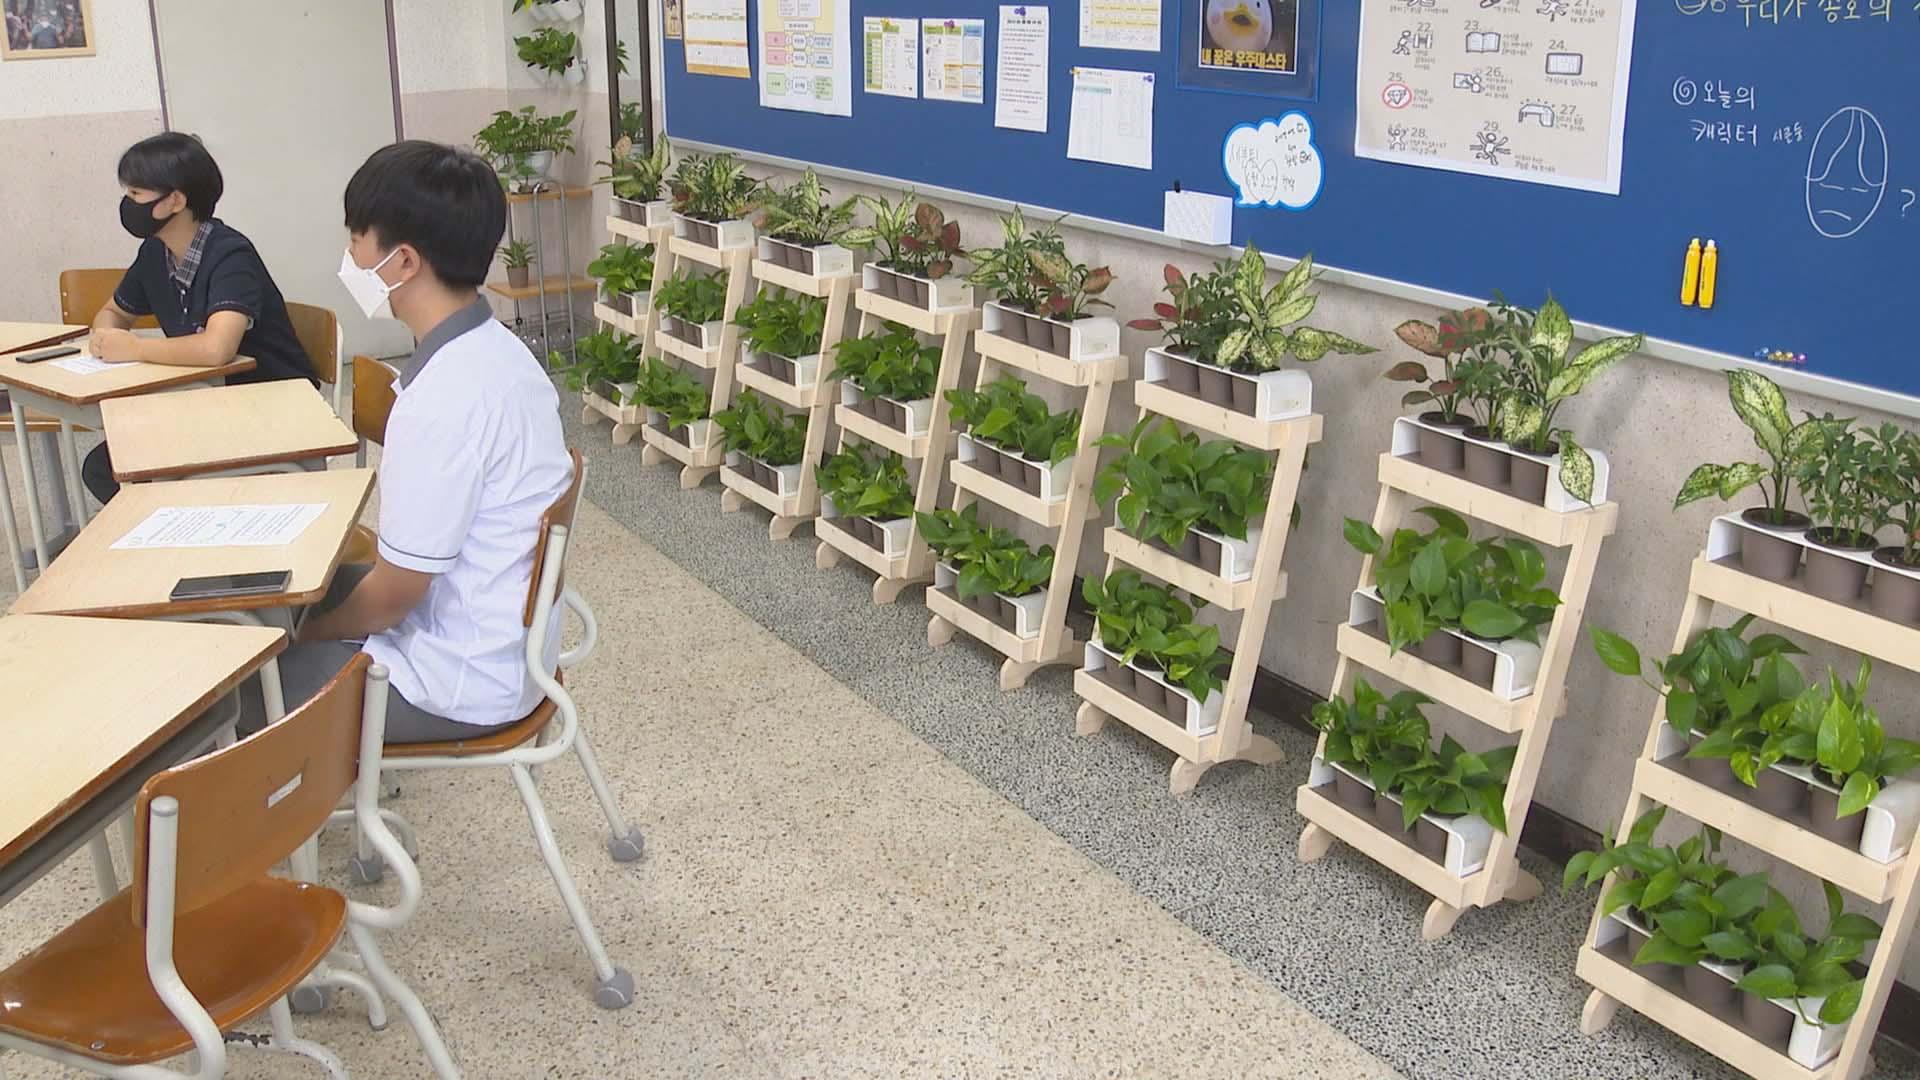 녹색식물 자라는 친환경교실…실내 공기정화는 '덤'